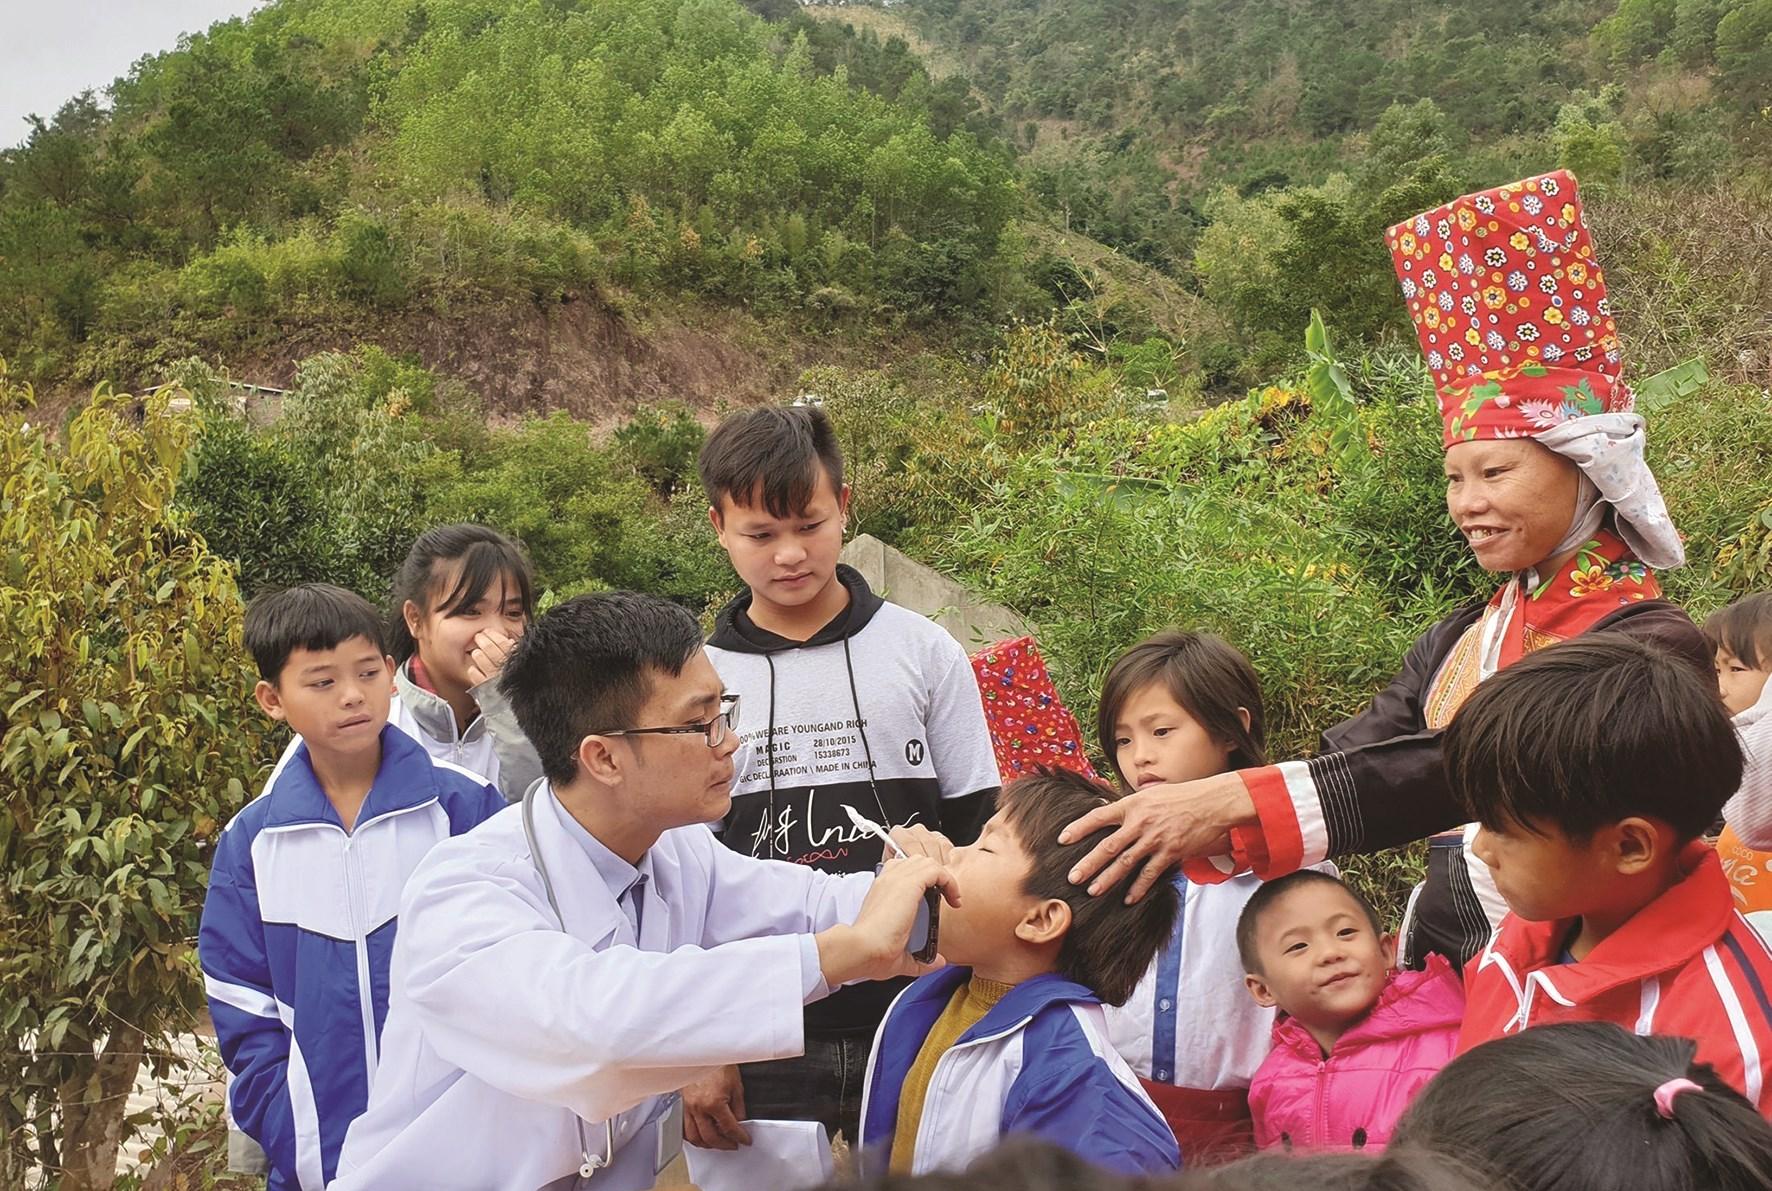 Đoàn Thanh niên Bệnh viện Sản nhi tỉnh Quảng Ninh khám, chữa bệnh cho trẻ em thôn Ngàn Vàng, xã Đồng Tâm, huyện Bình Liêu